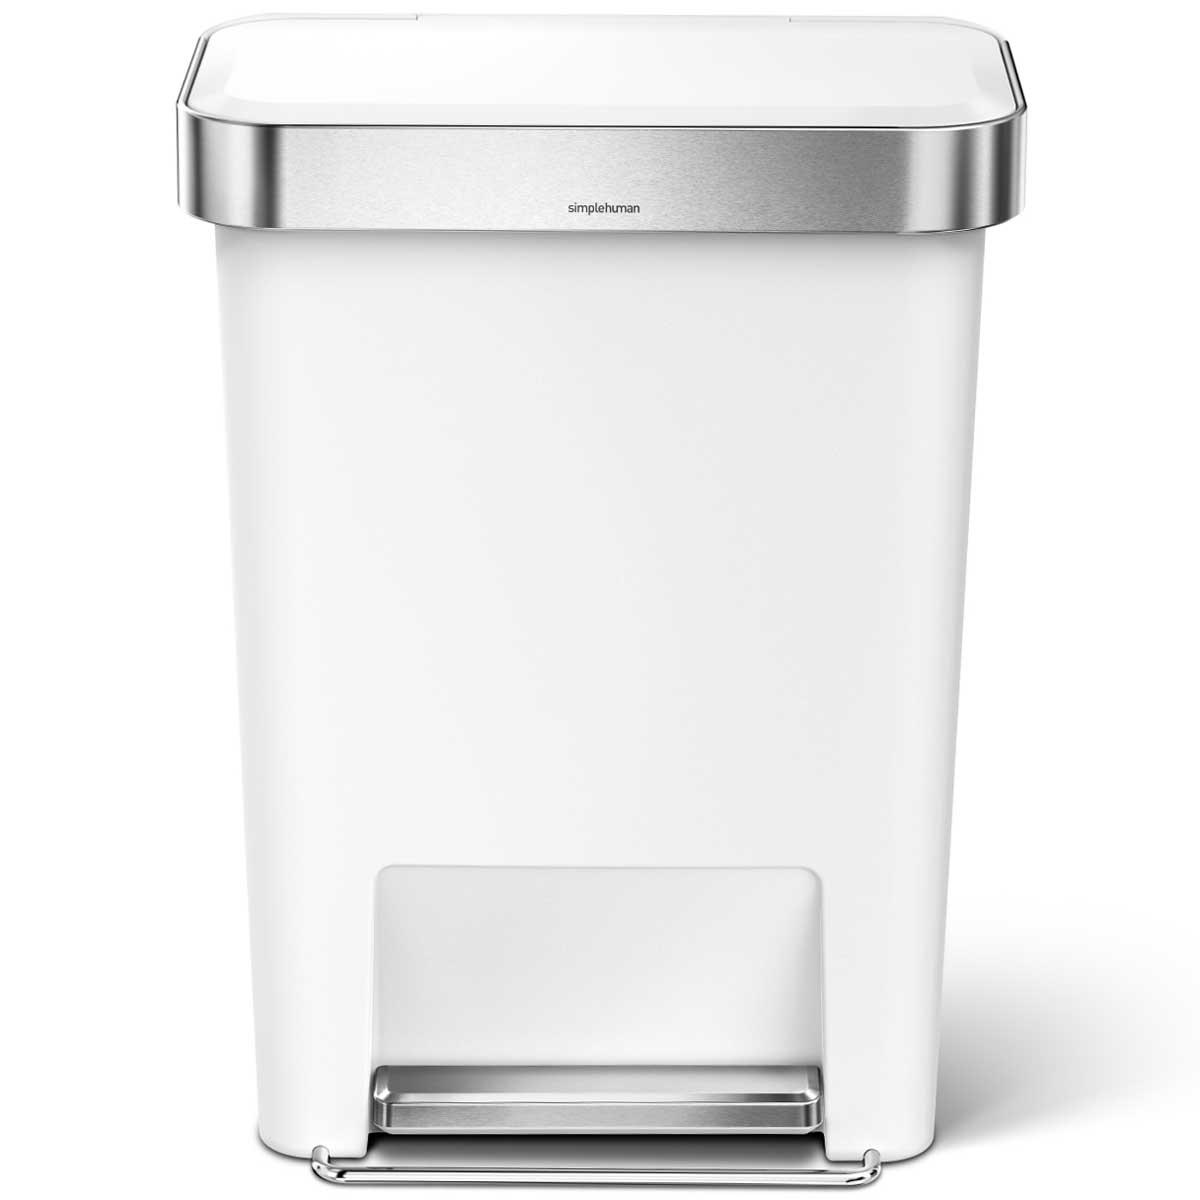 simplehuman ゴミ箱 プラスチックレクタンギュラーステップカン 45L ふた付き ペダル シンプルヒューマン 正規品 メーカー保証付き 角型ゴミ箱 45リットル CW1387 ホワイト